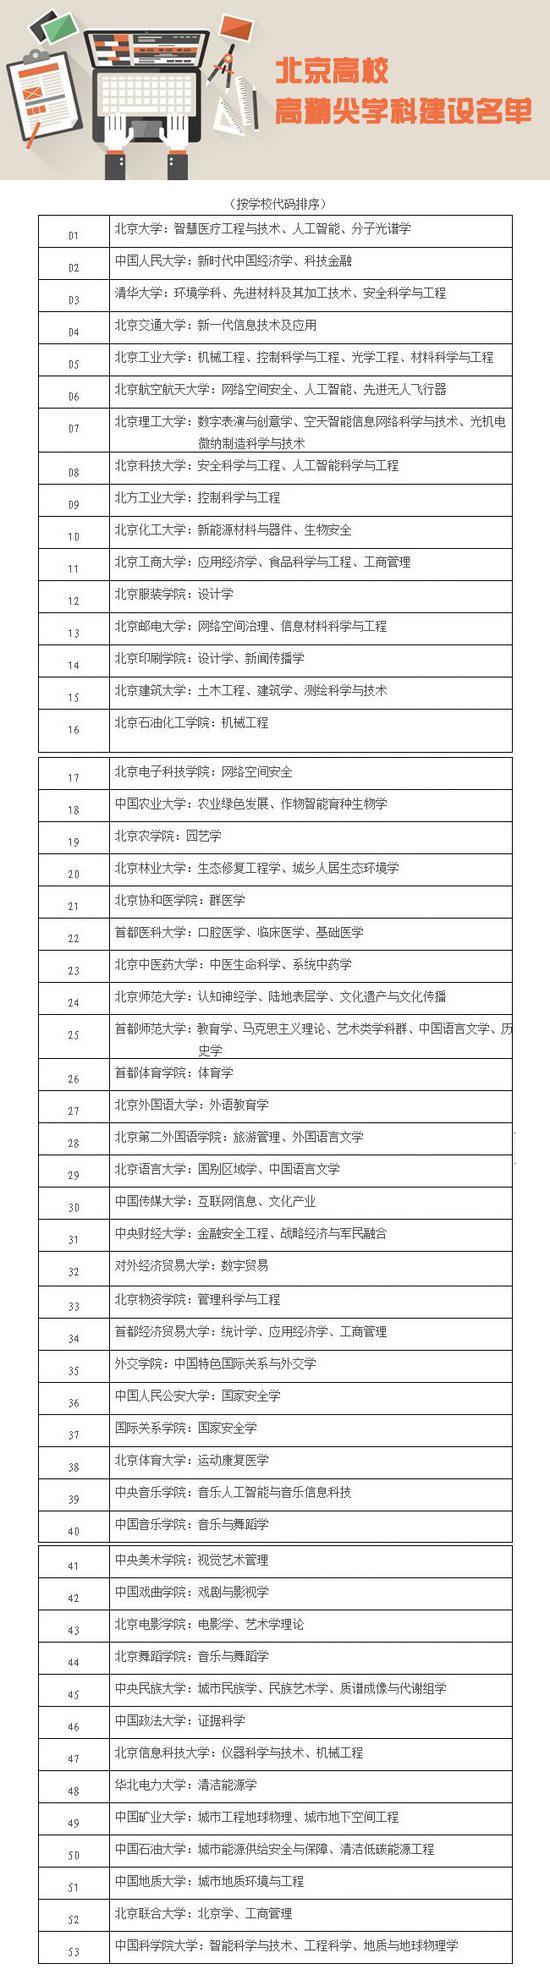 北京市高校高精尖学科建设名单公布